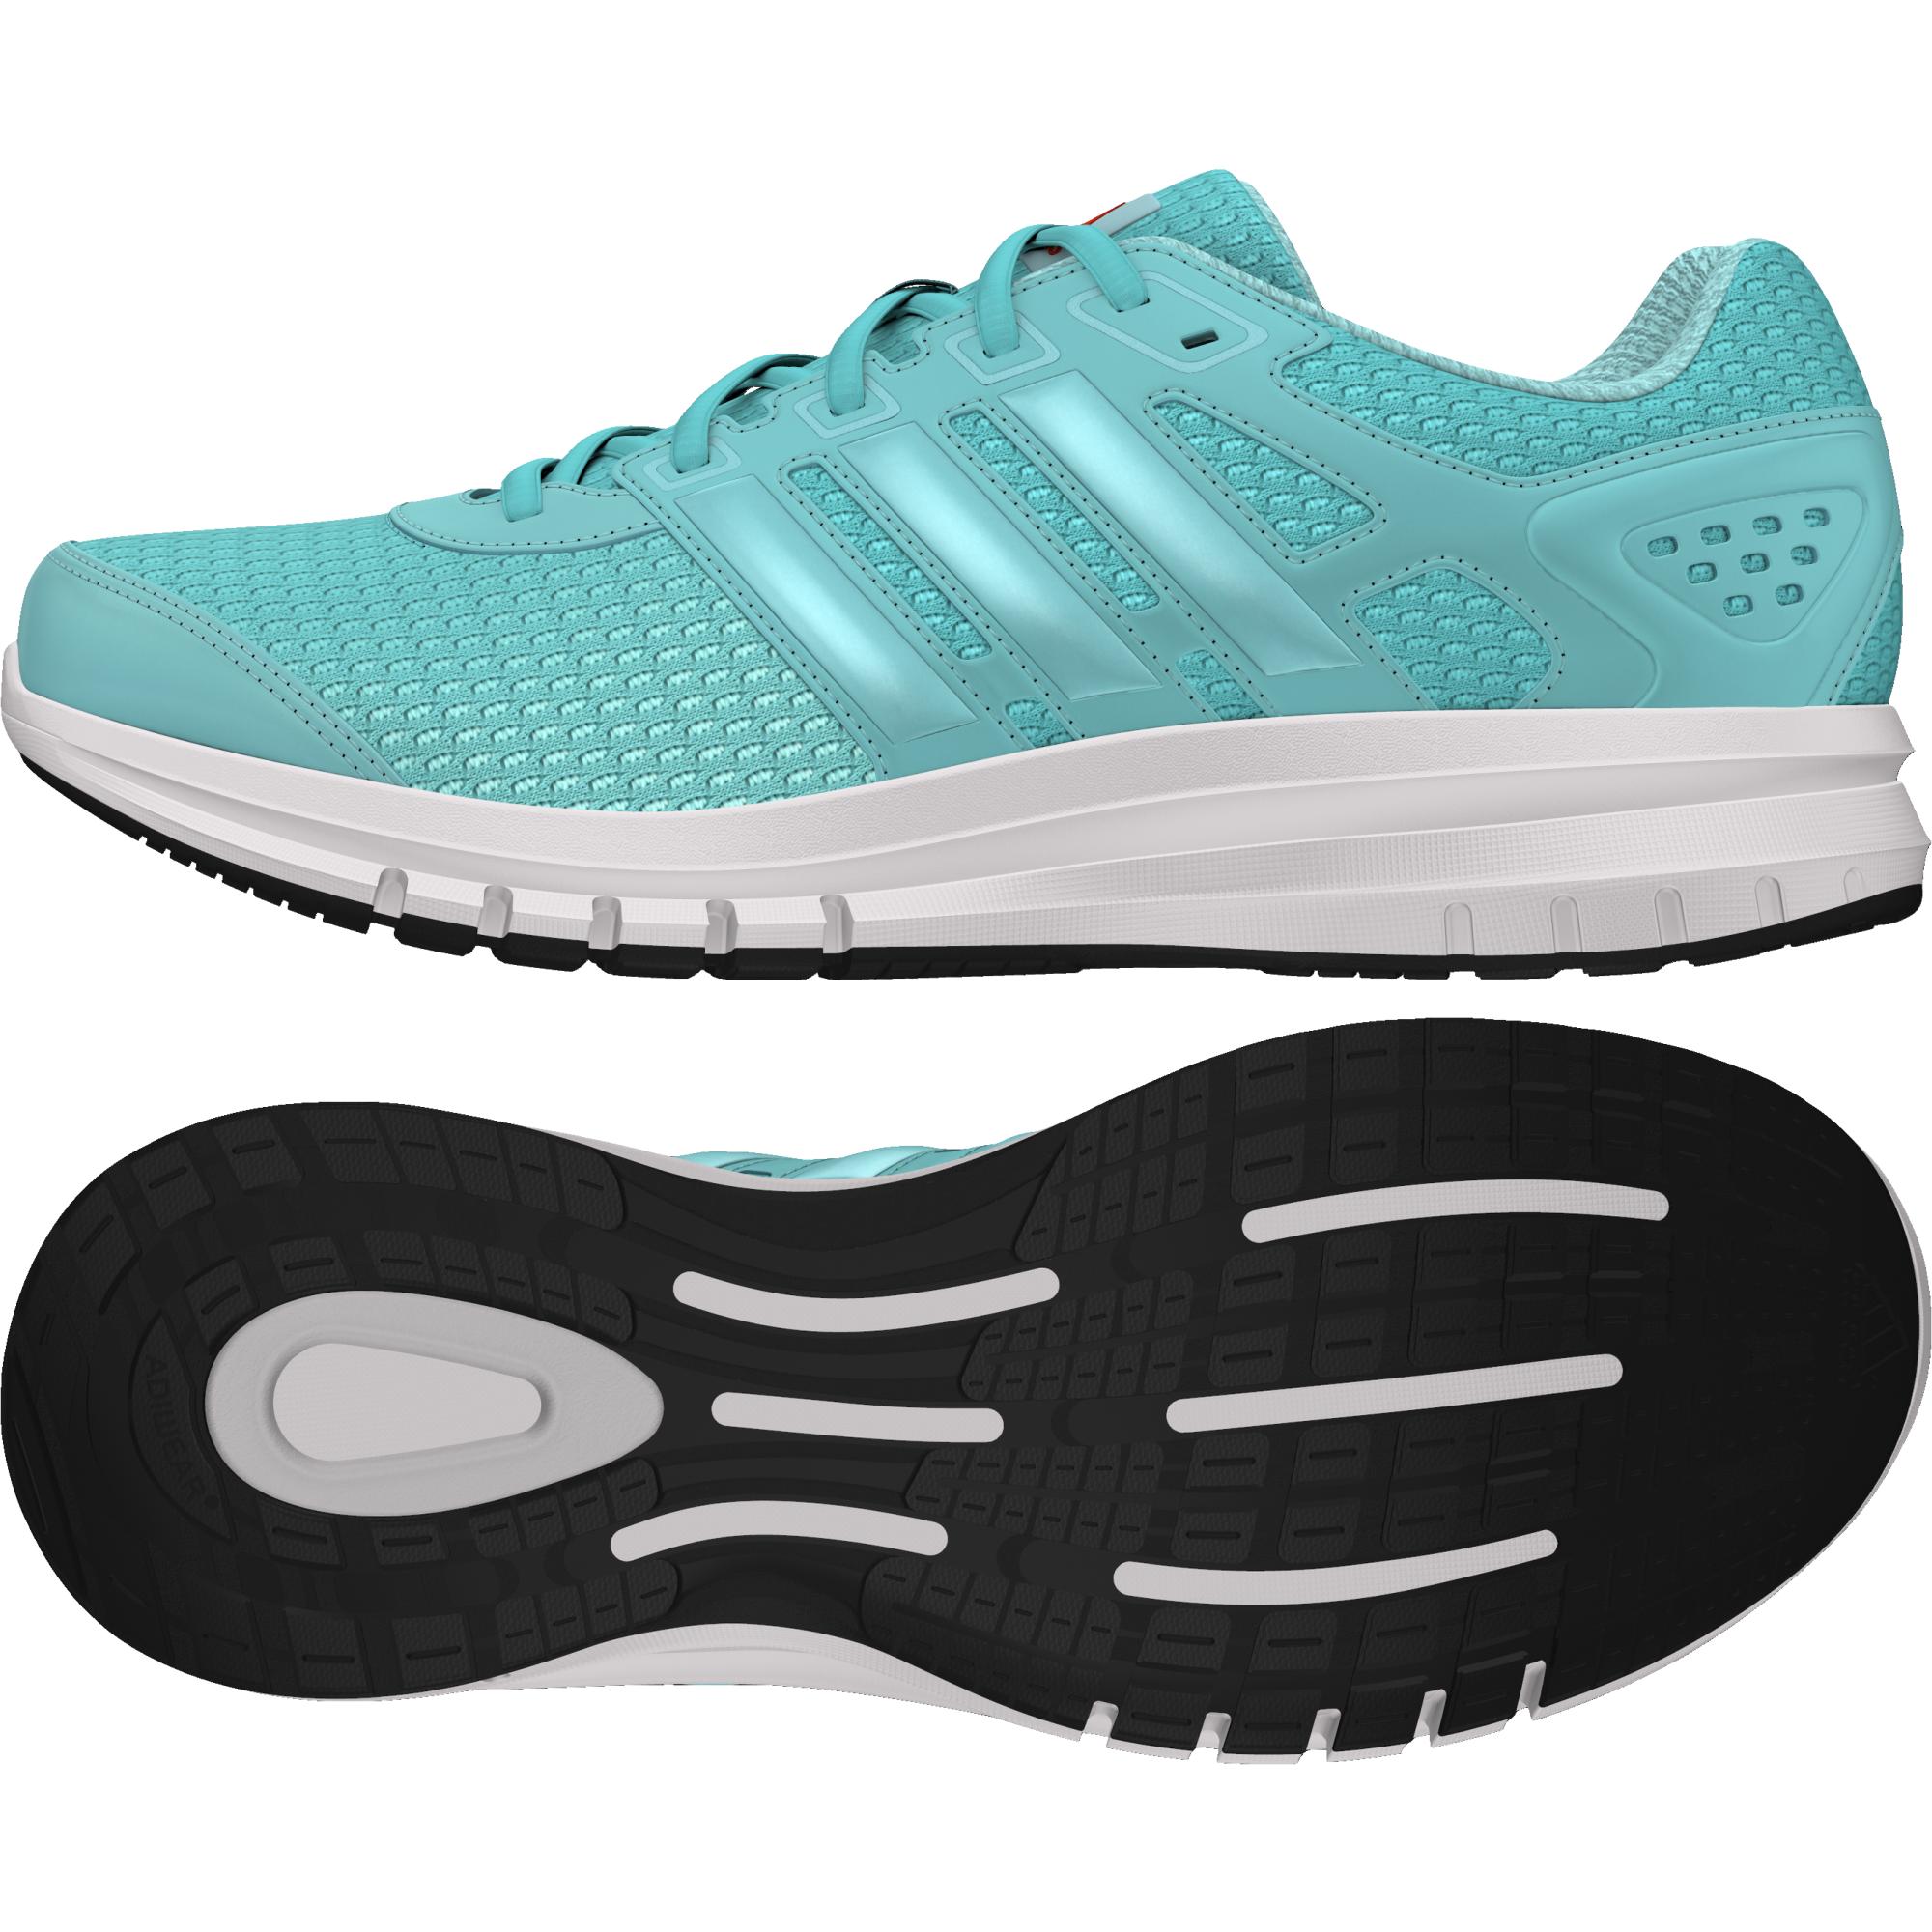 a66ade3a48 Adidas Duramo Lite W női futócipő , Női cipő | futócipő ,  adidas_performance , Adidas Duramo Lite W női futócipő